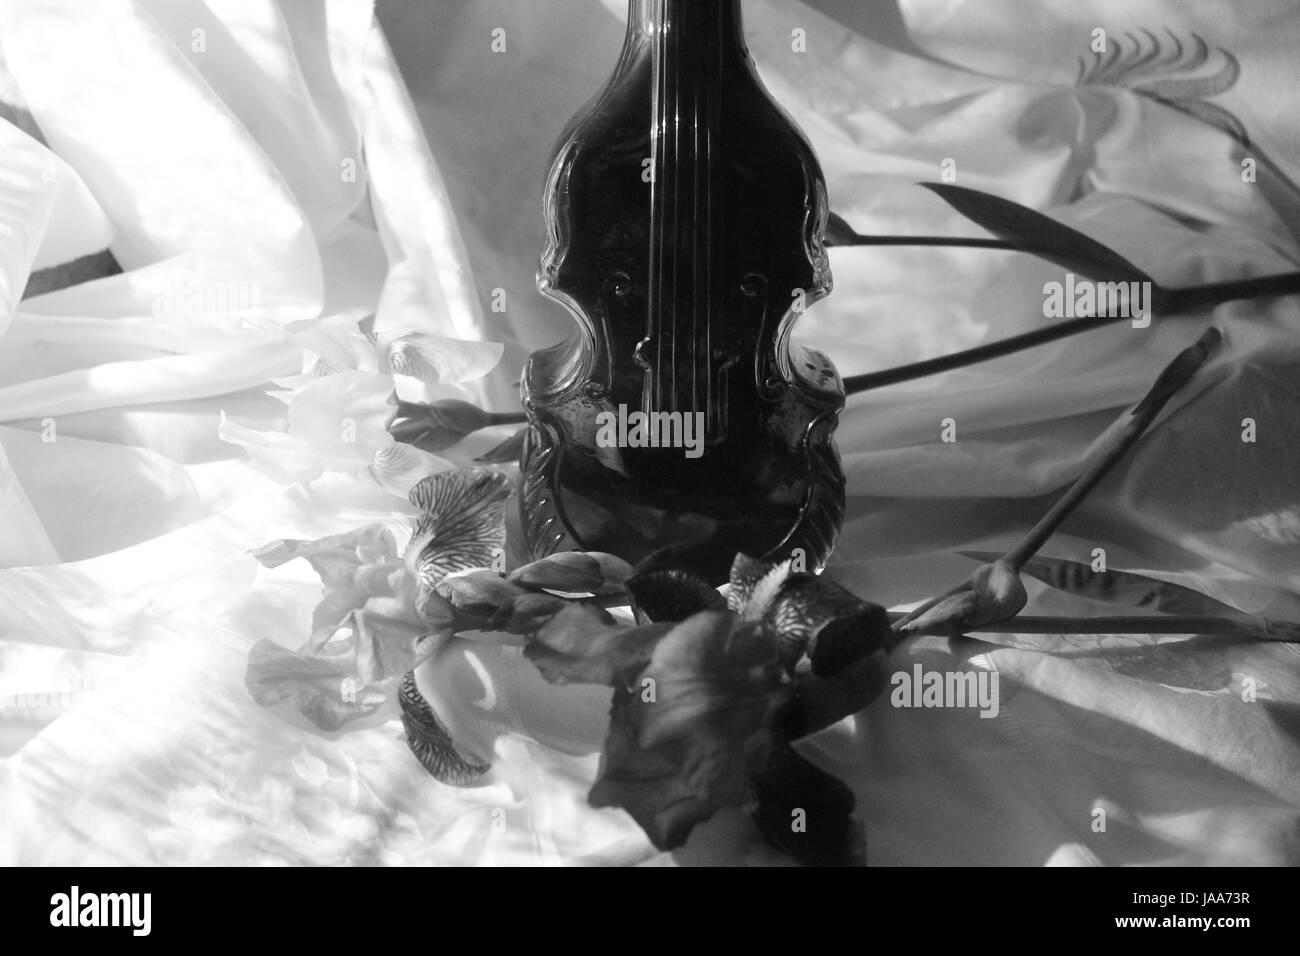 Kristall Flasche Mit Wein In Form Von Violine Und Iris Blume Schone